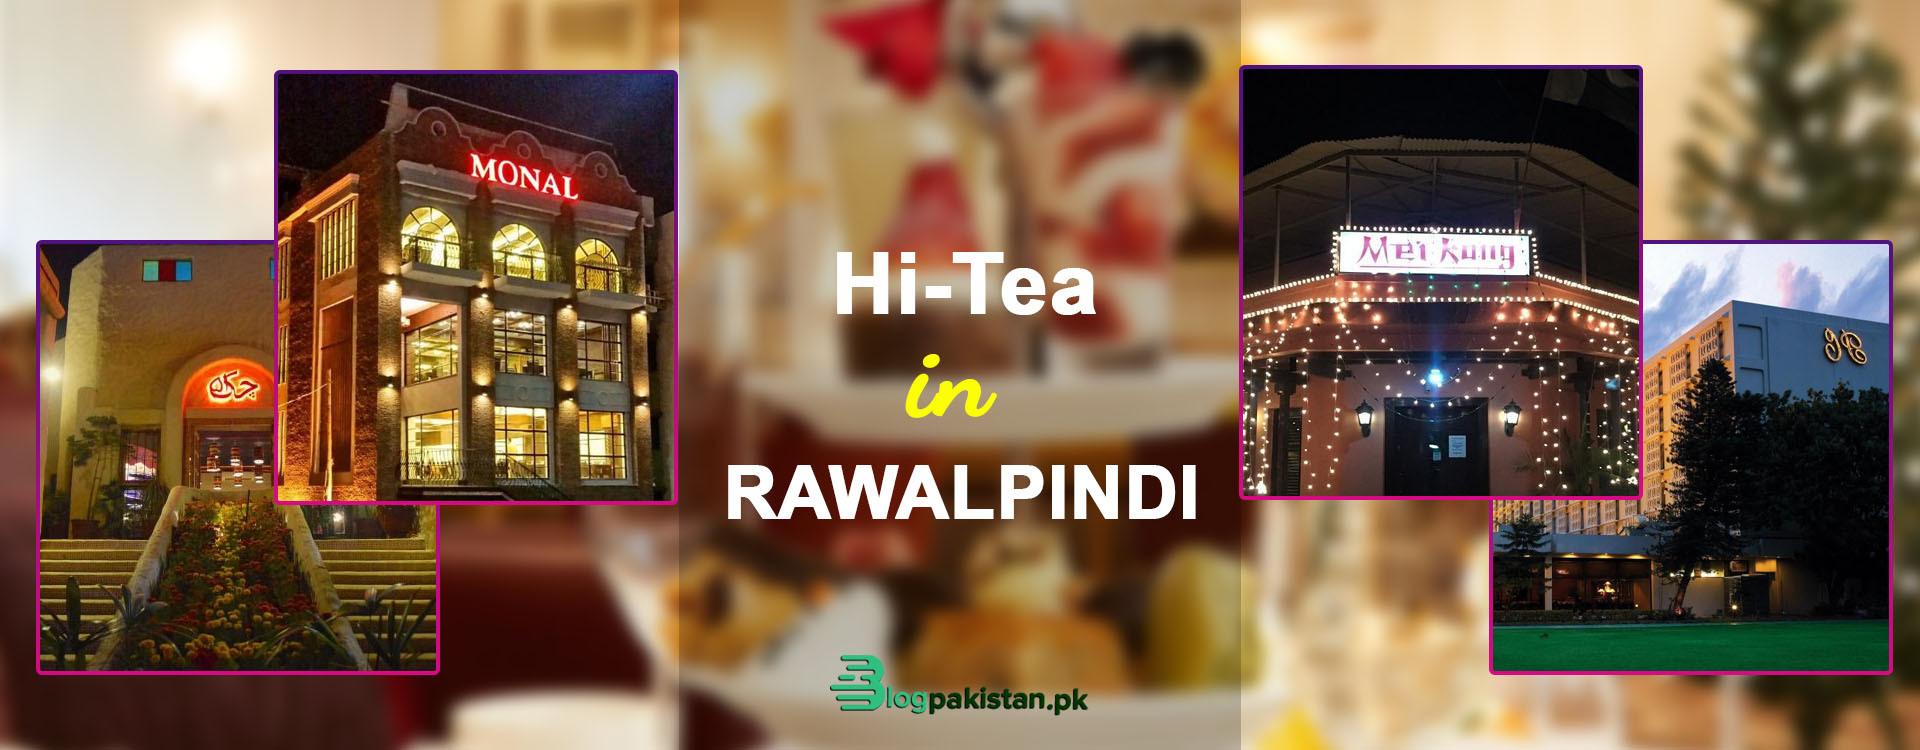 Hi tea in Rawalpindi